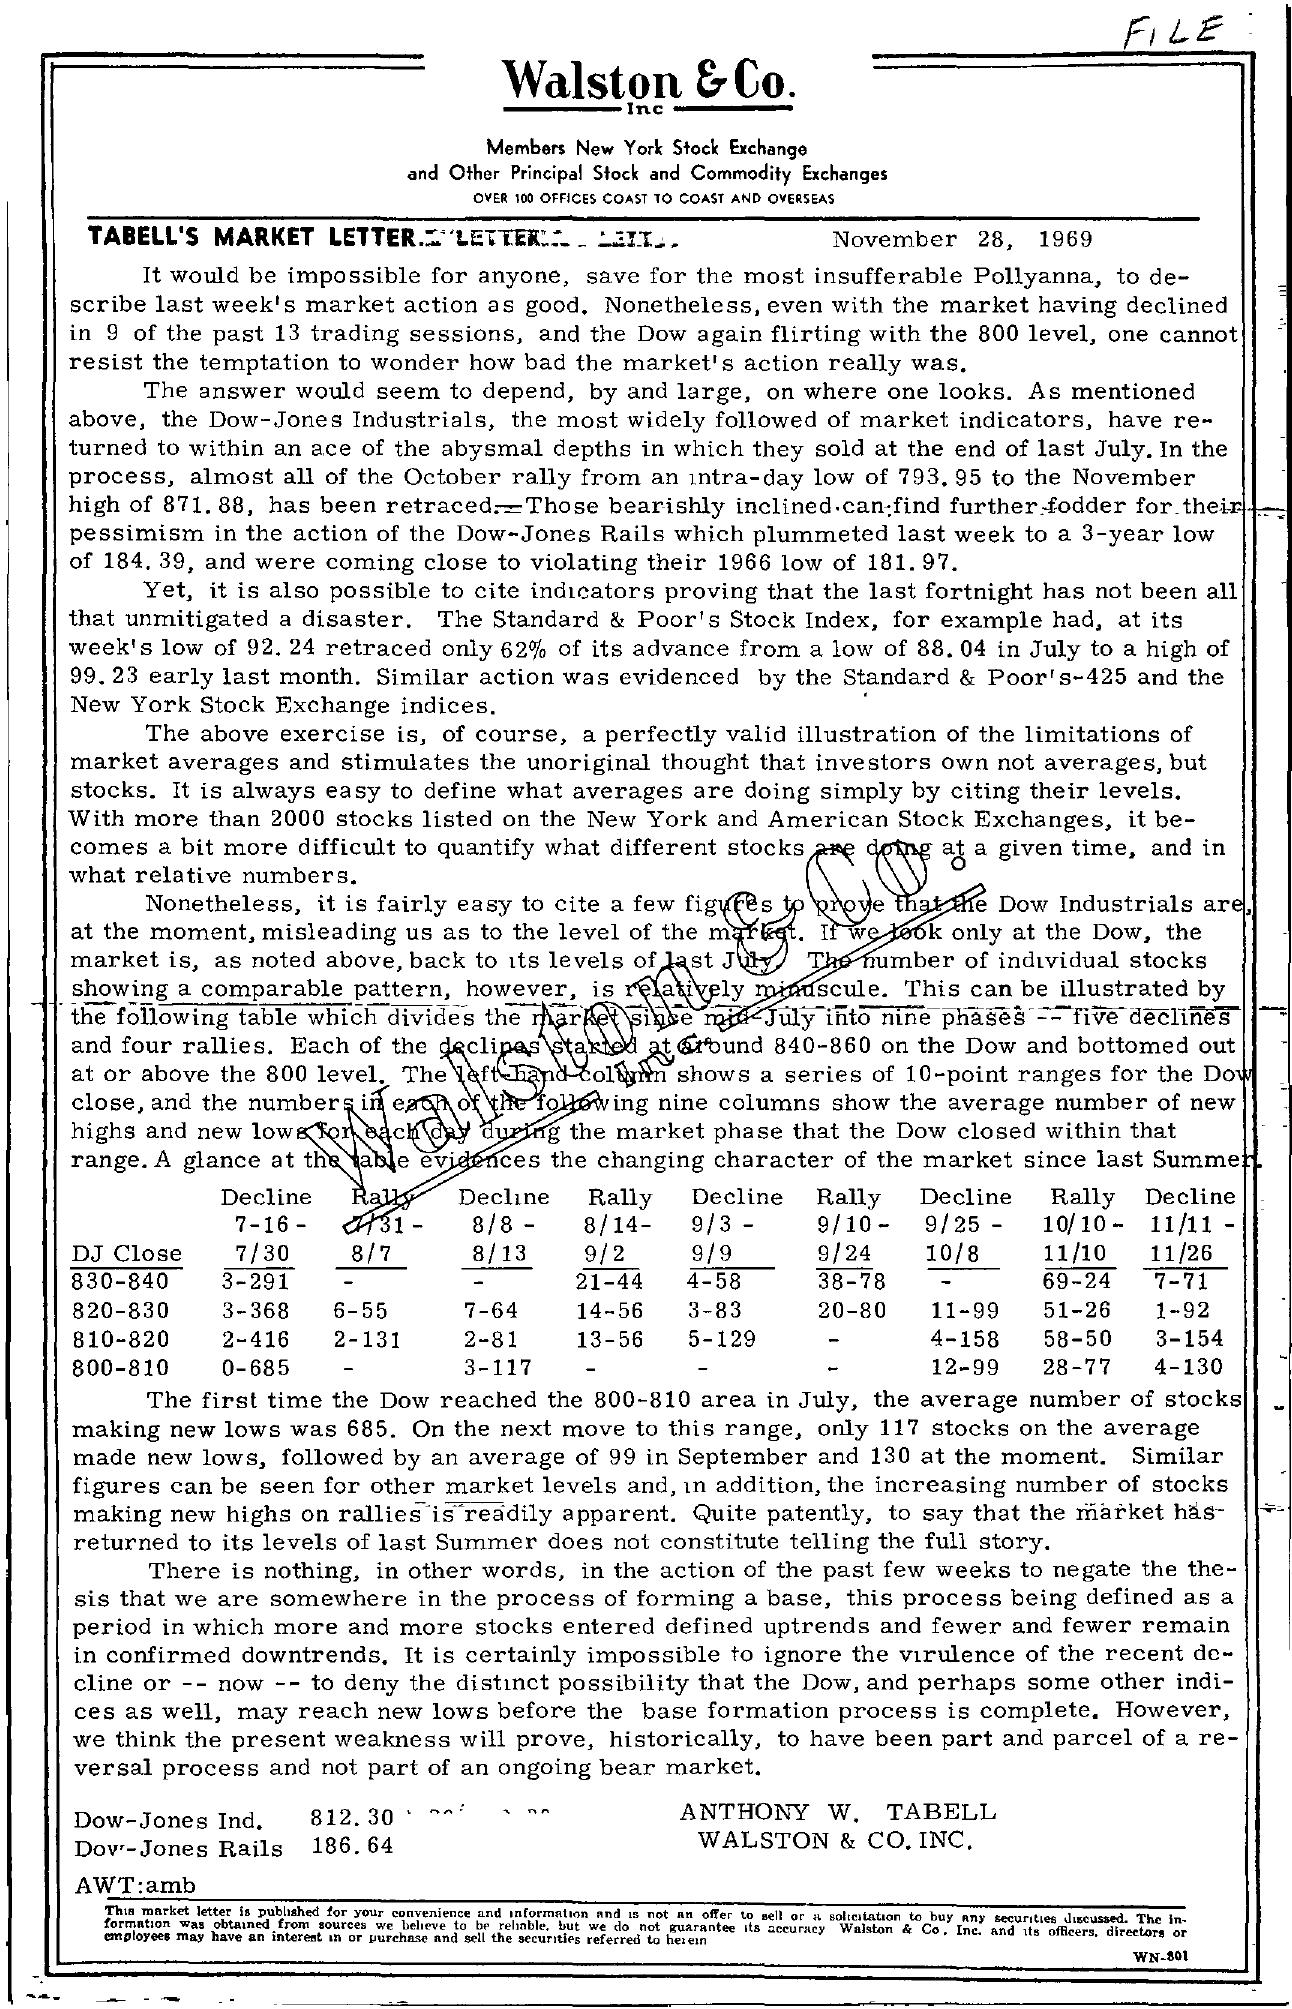 Tabell's Market Letter - November 28, 1969